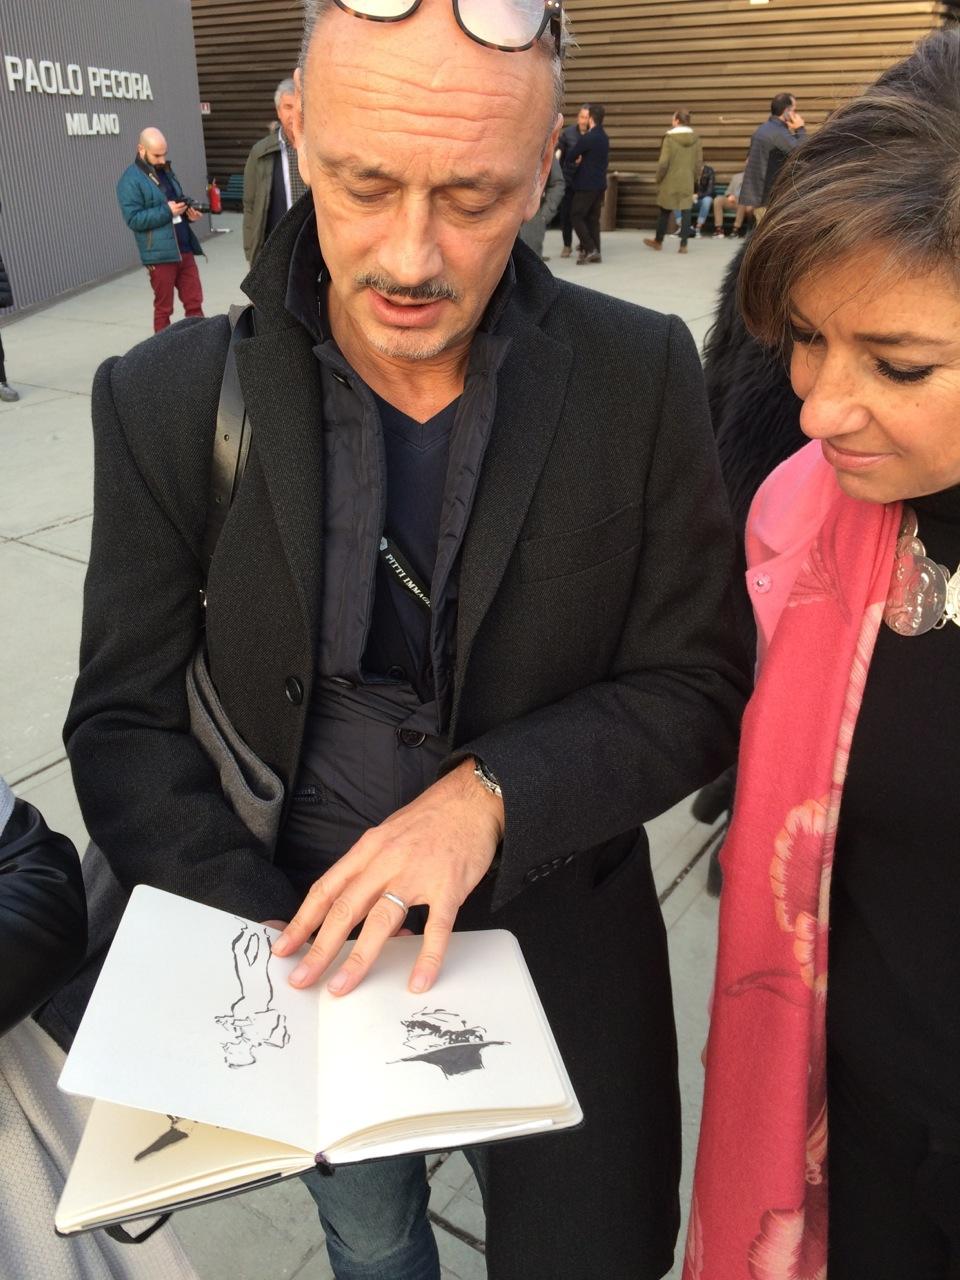 Encontramos os amigos Andrea e Daria da Chez Dédé. Andrea documenta com ilustrações maravilhosas que estão no Instagram deles.